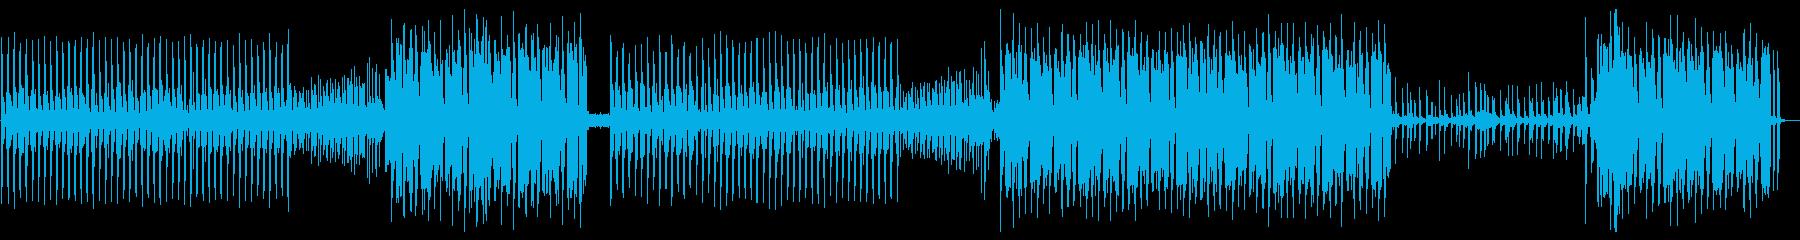 アッパーなK-POP風ダンスチューン の再生済みの波形